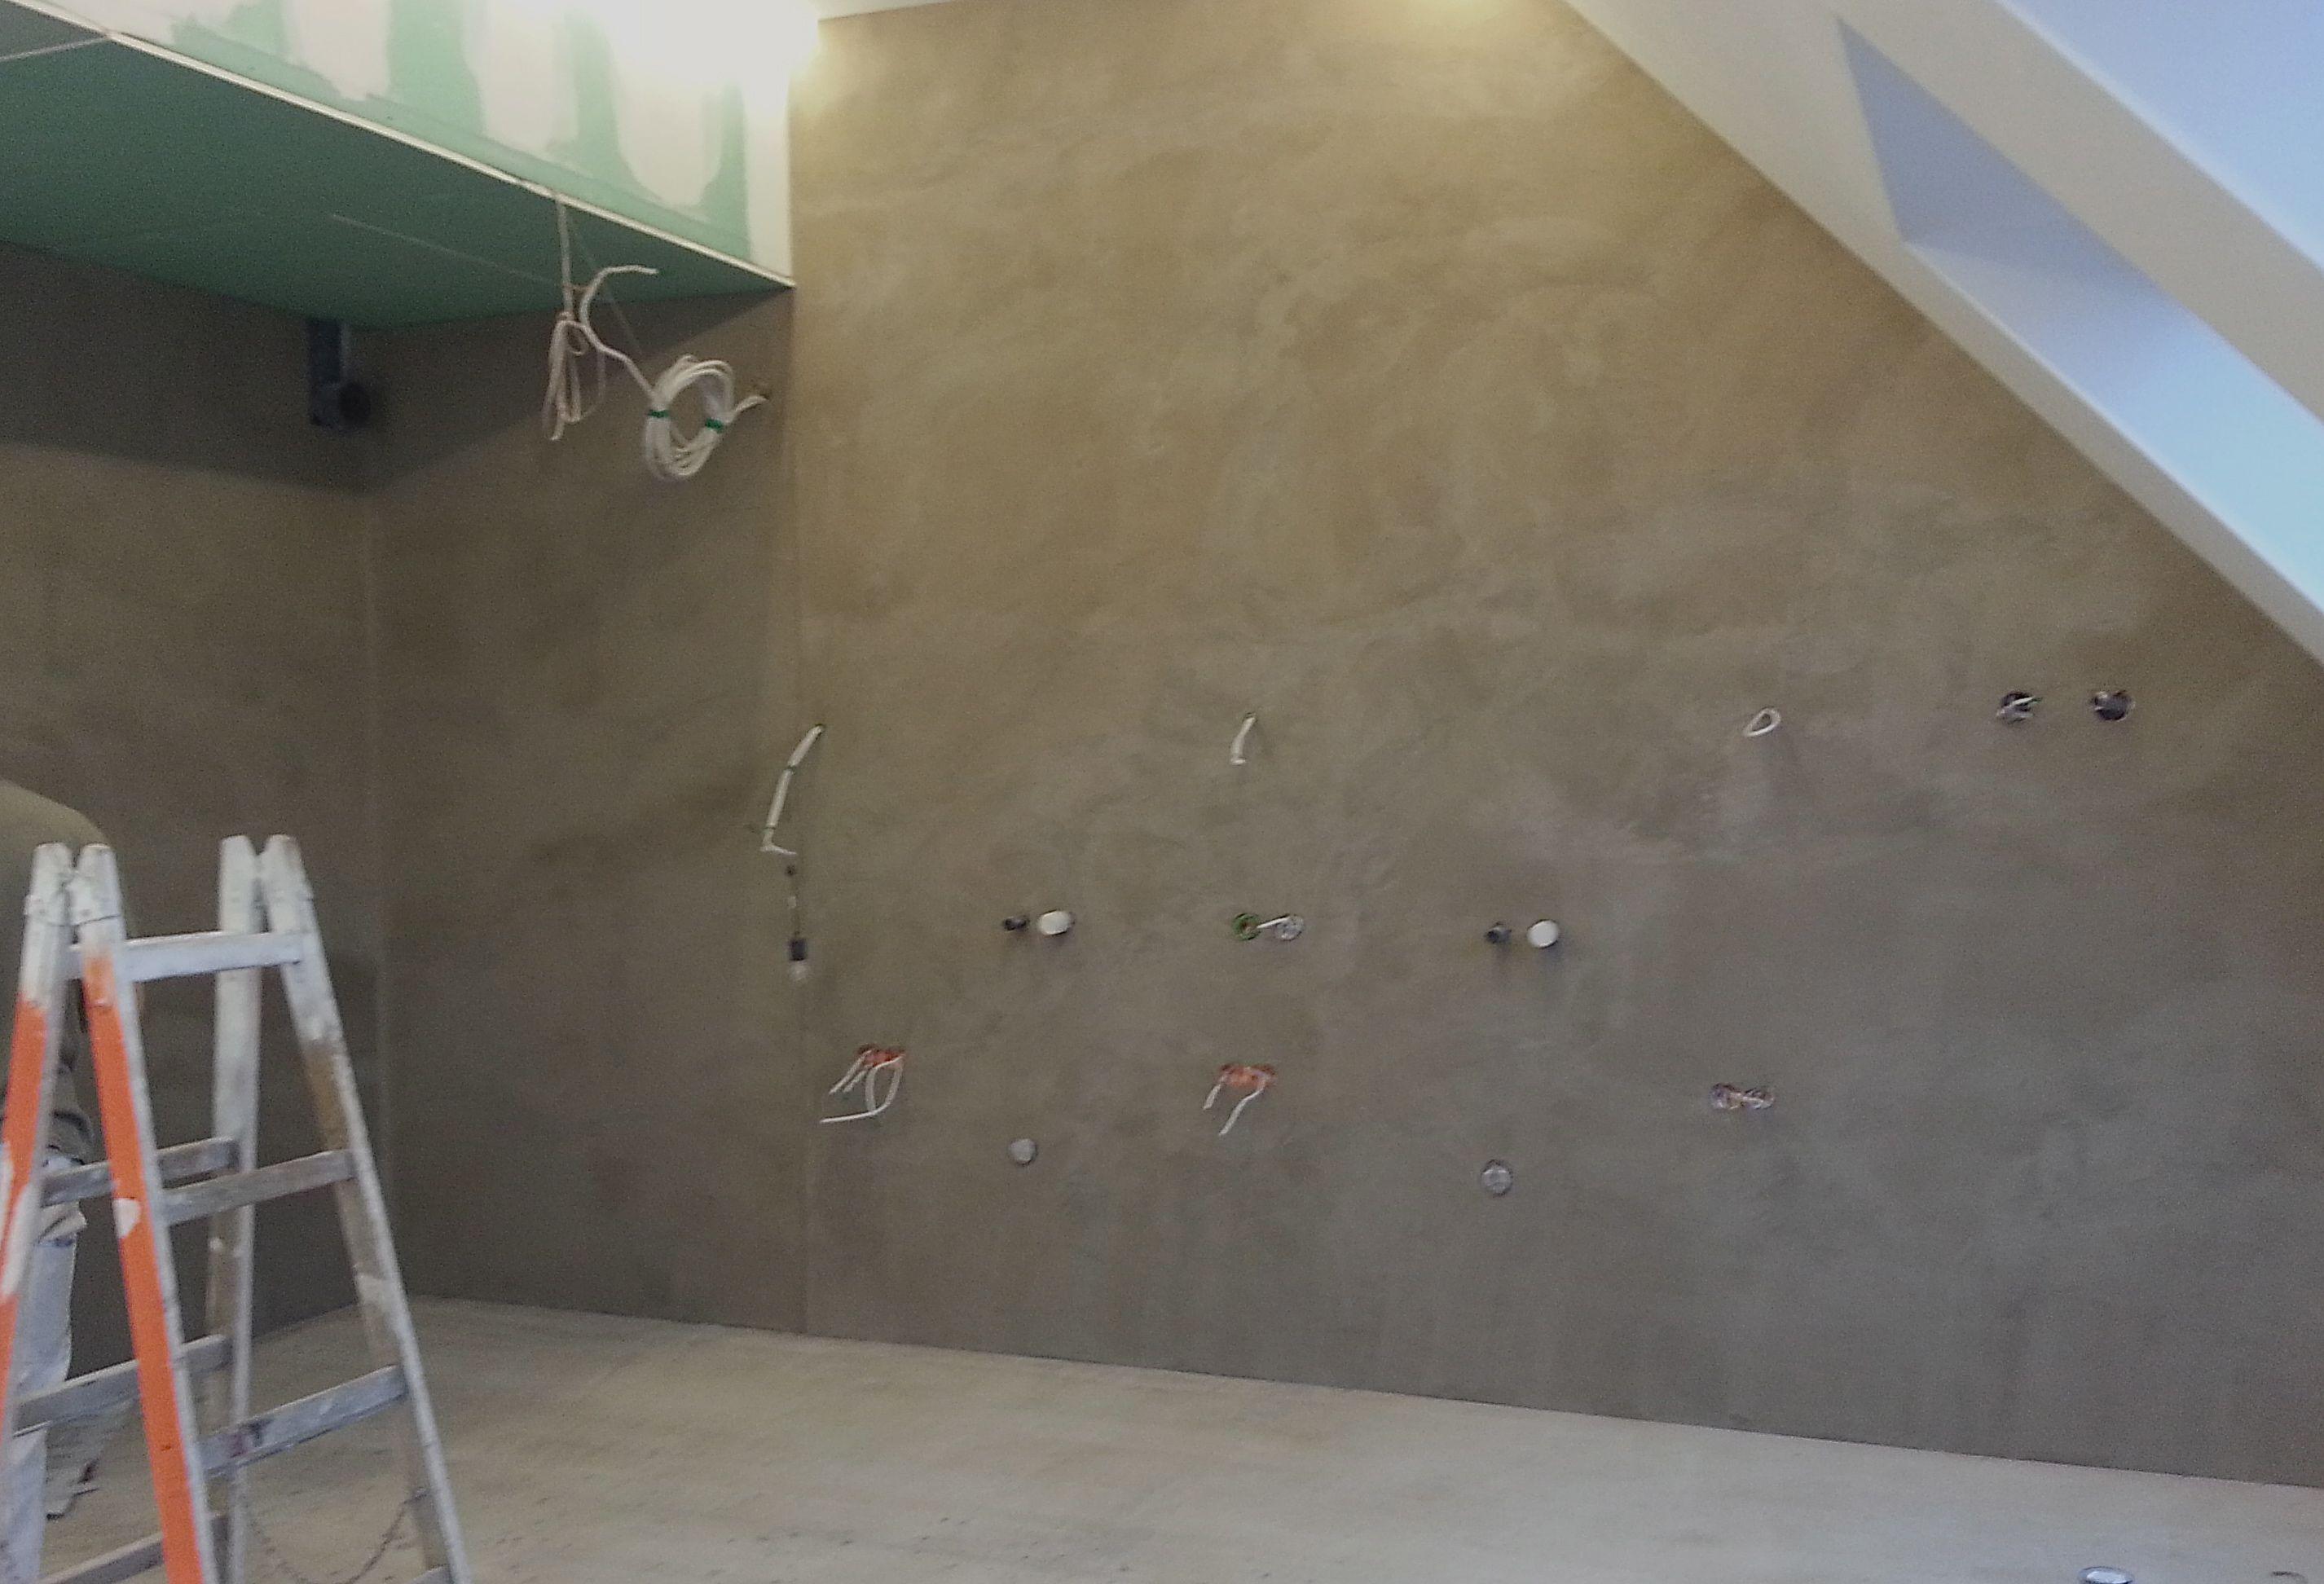 Boden Und Wande In Einem Bad Die Farbe Ist Eine Sondermischung Fur Den Kunden Work In Progress Direkt Nach Dem Spachteln Verarbei Wand Verputzen Bad Wande